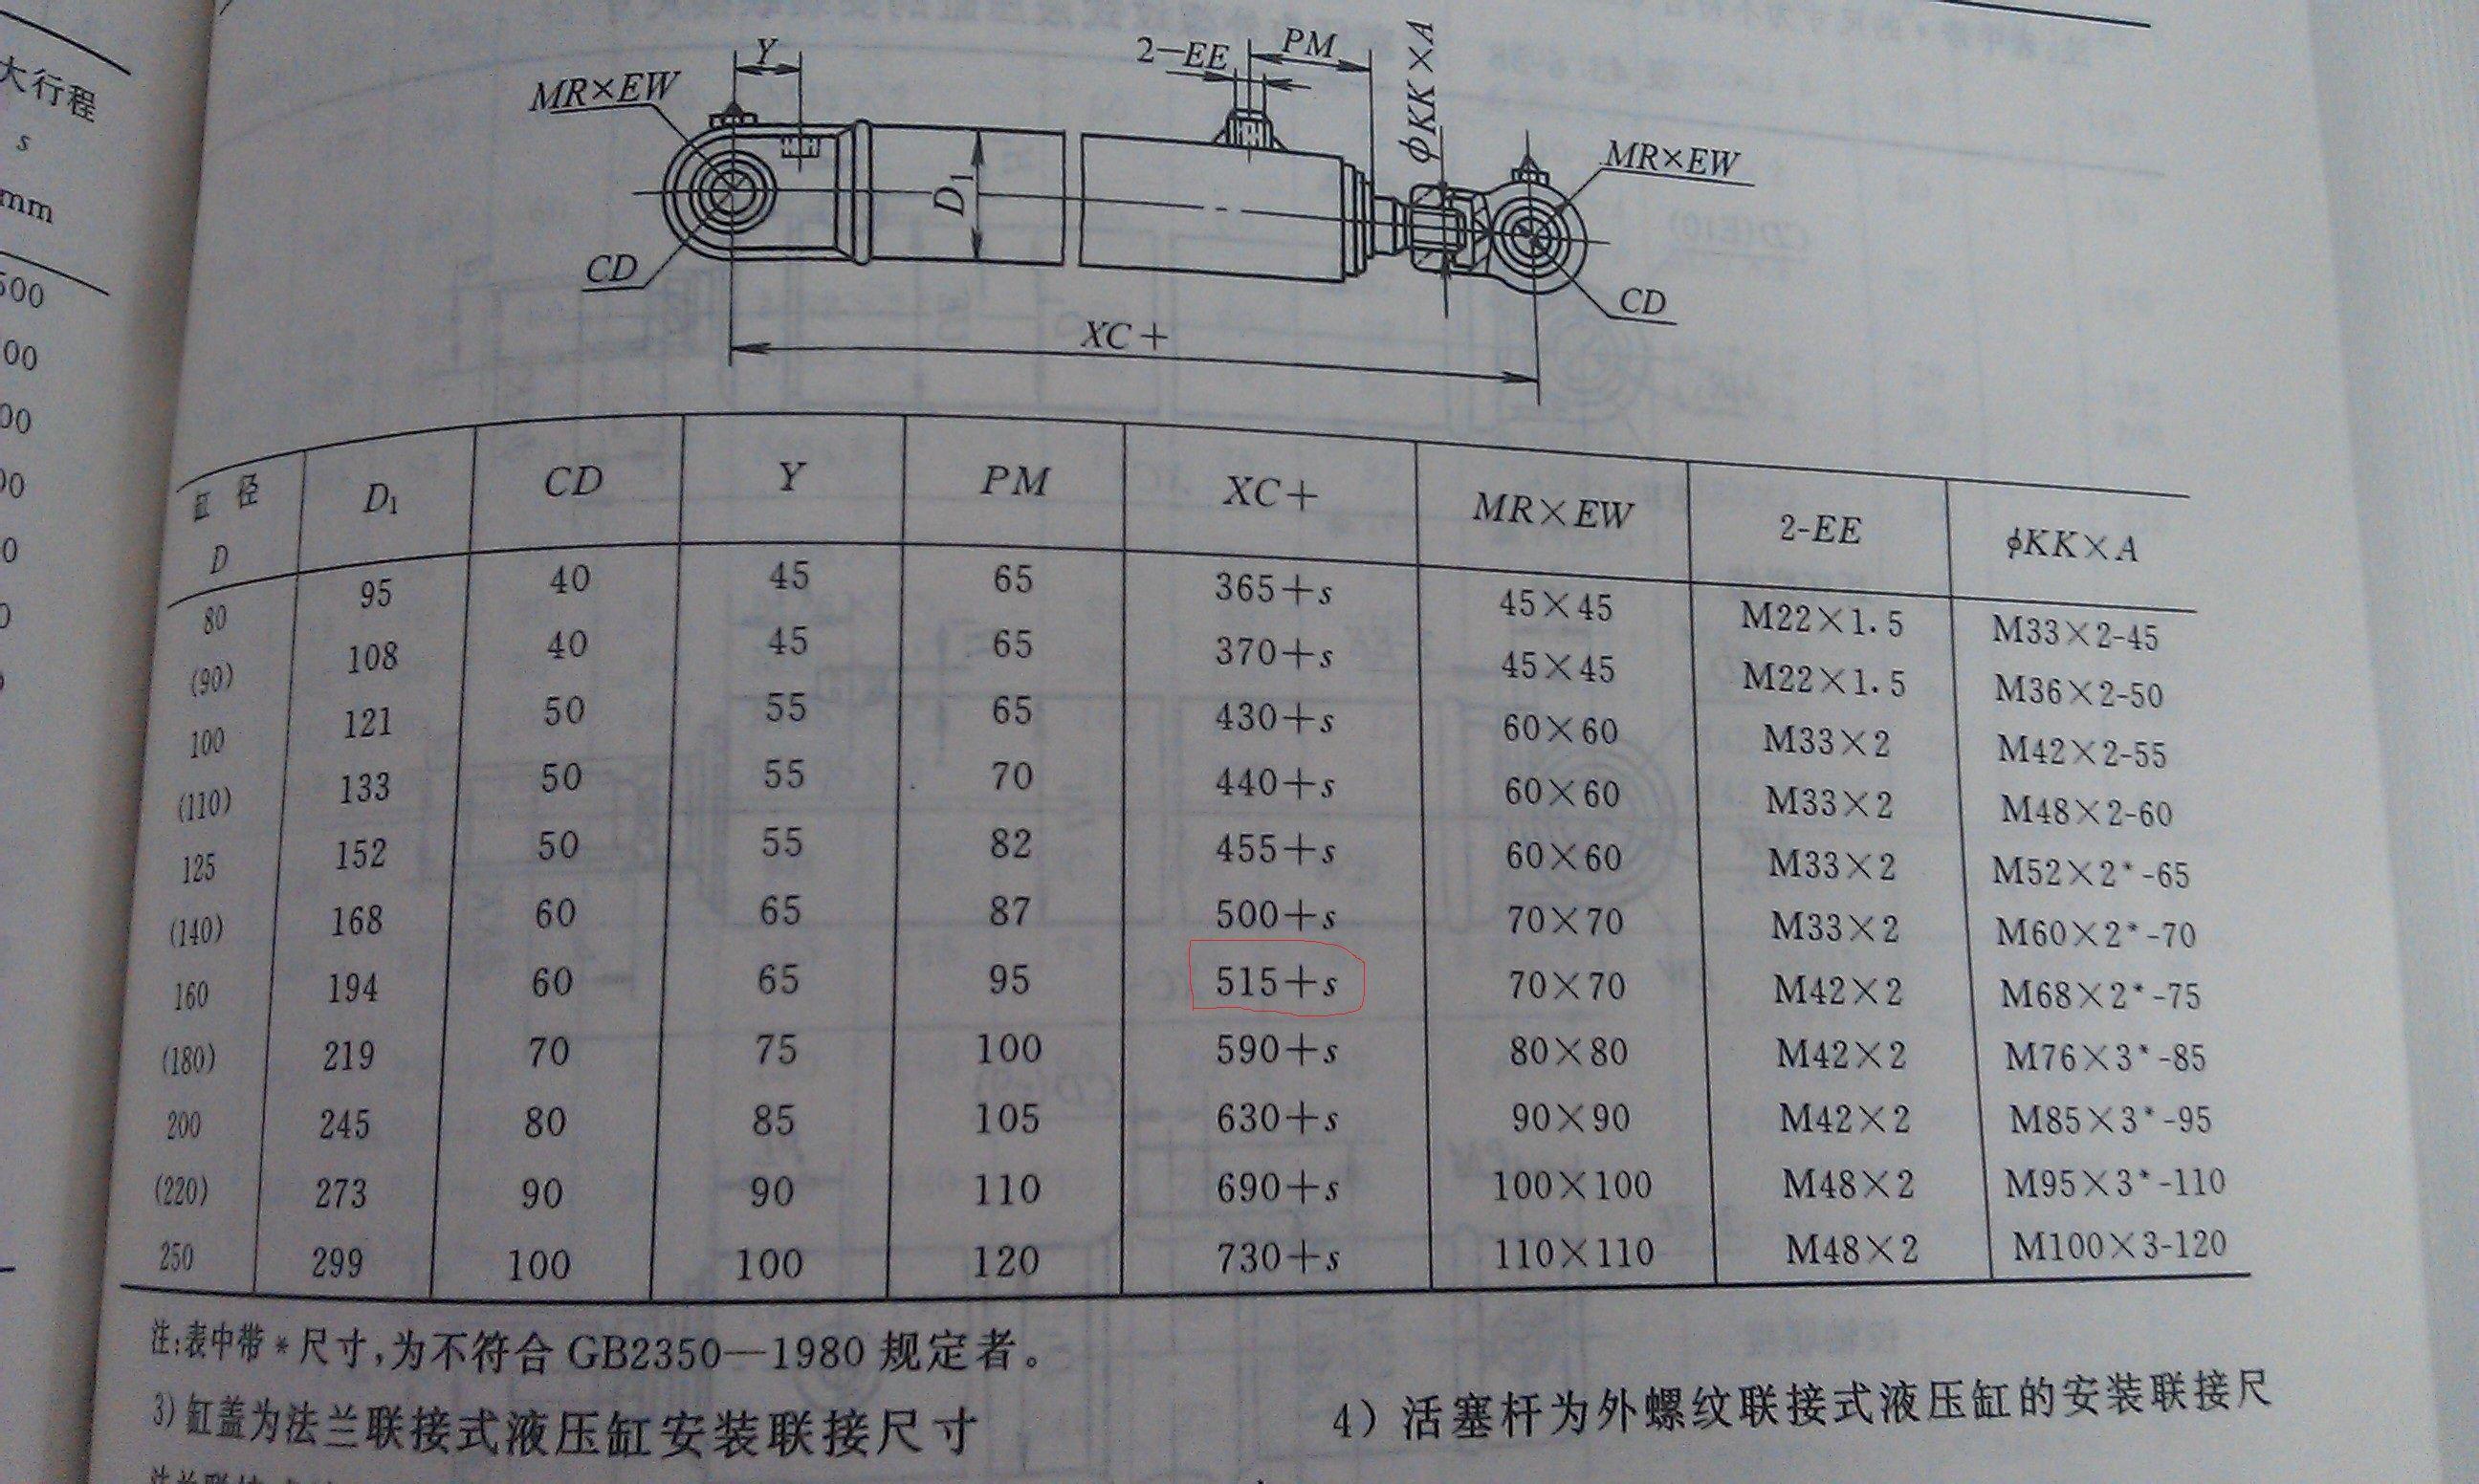 液压缸的初始安装尺寸怎样确定